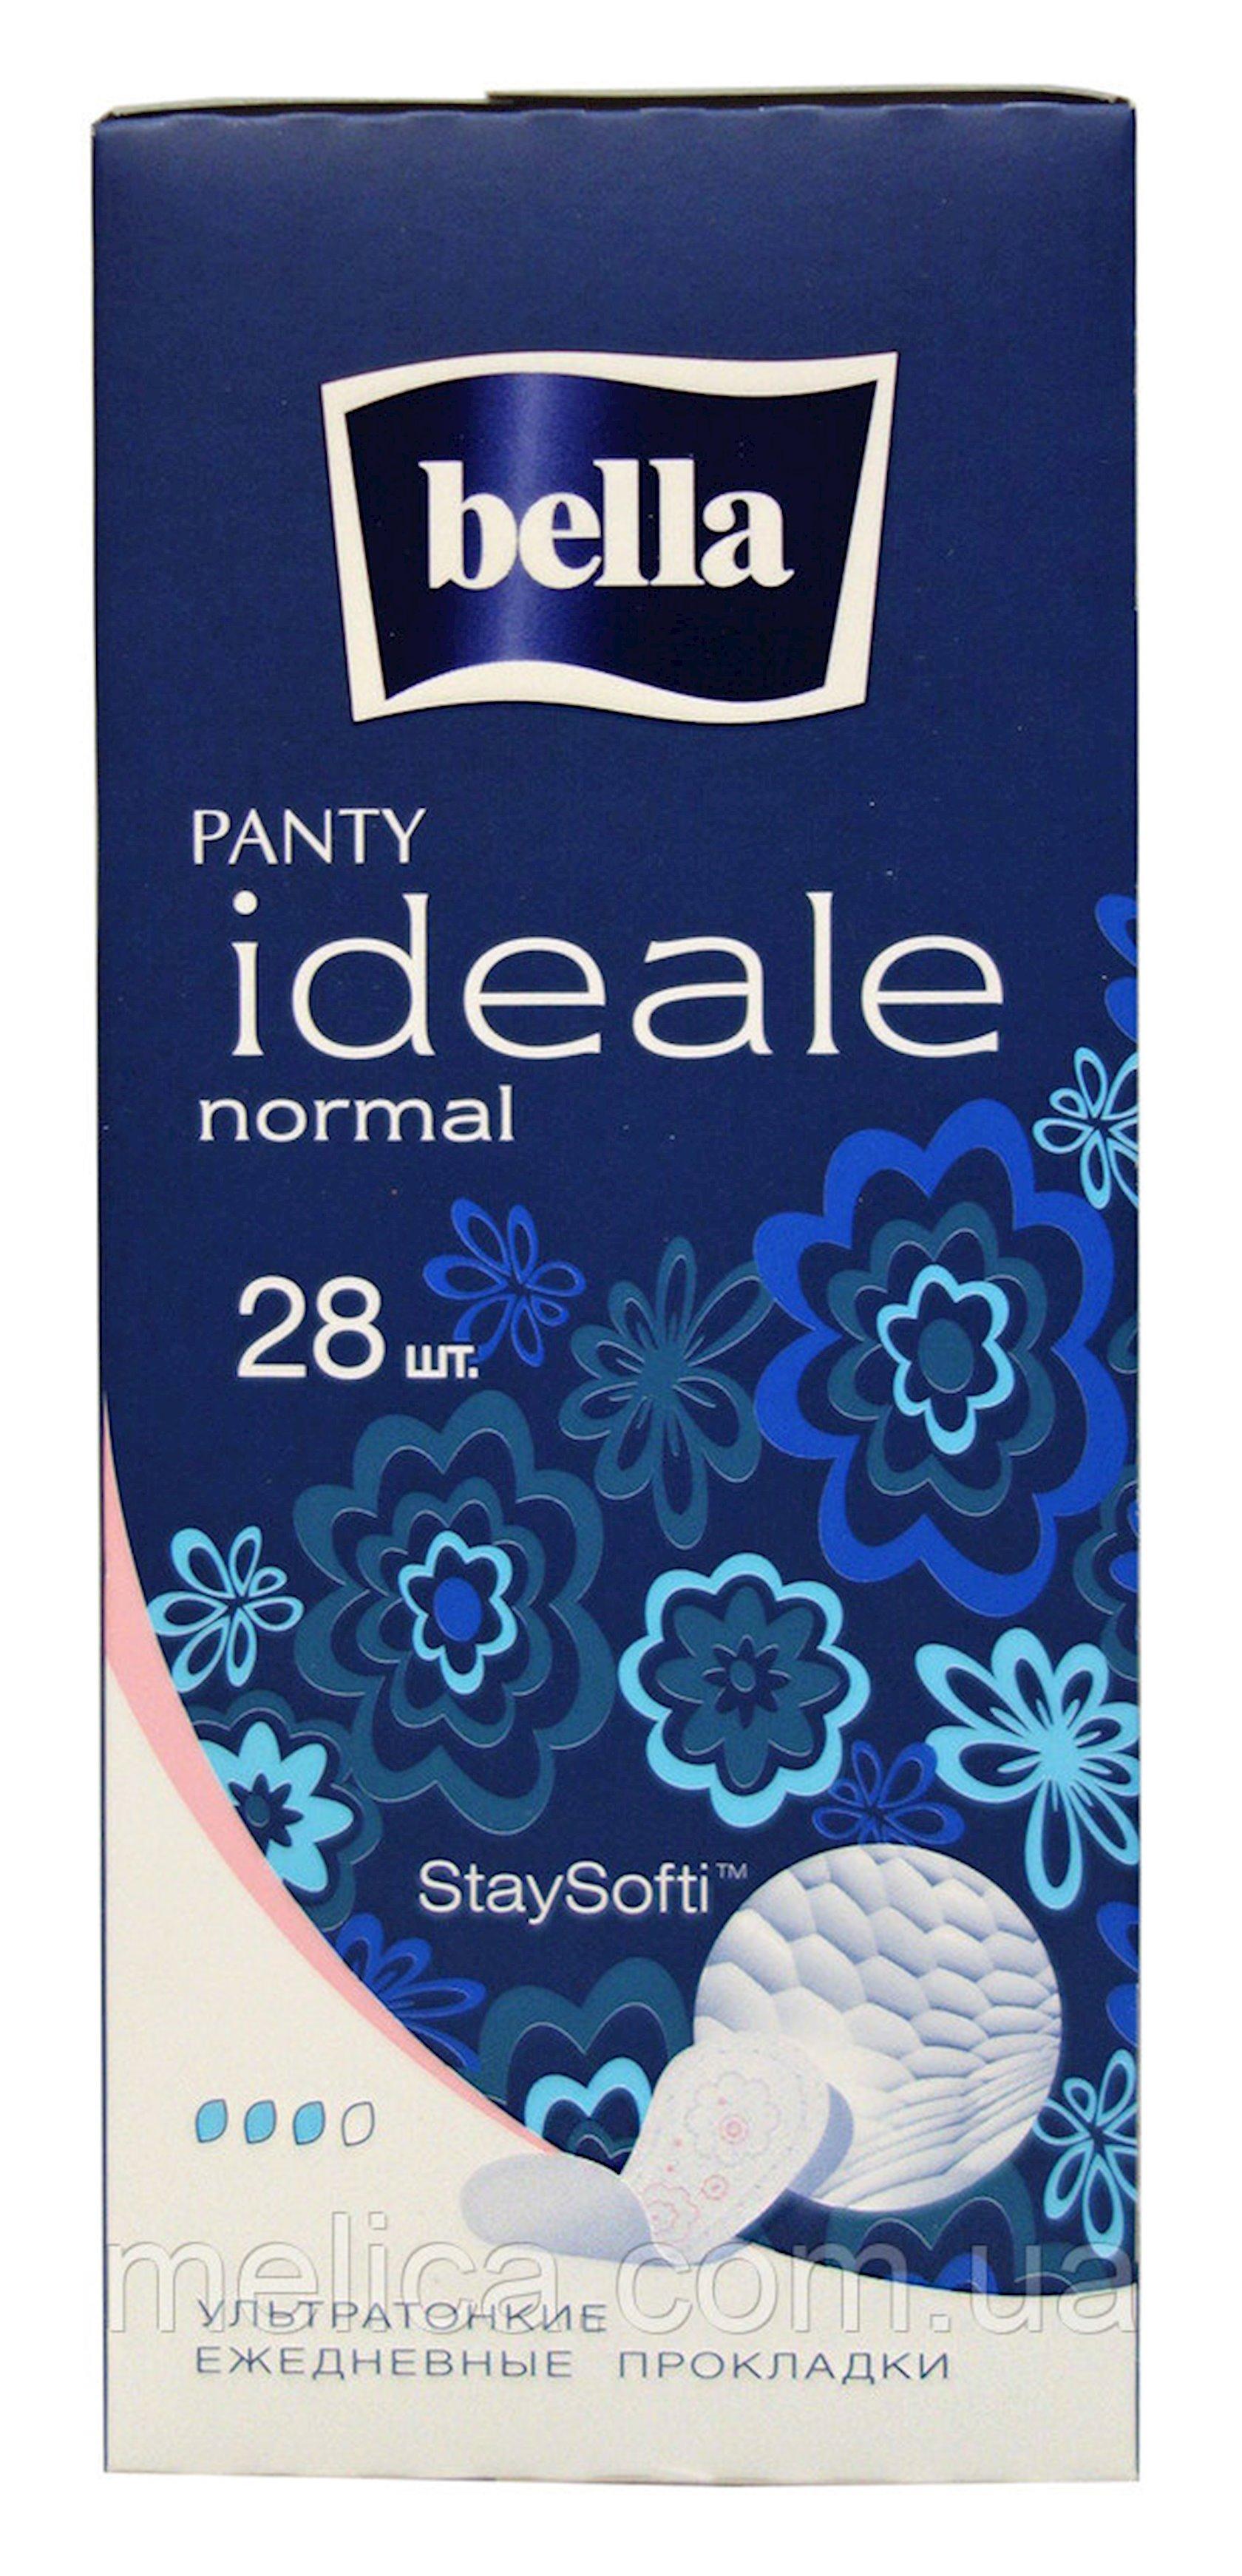 Gigiyenik bezlər Bella Panty Ideale Normal 28 əd